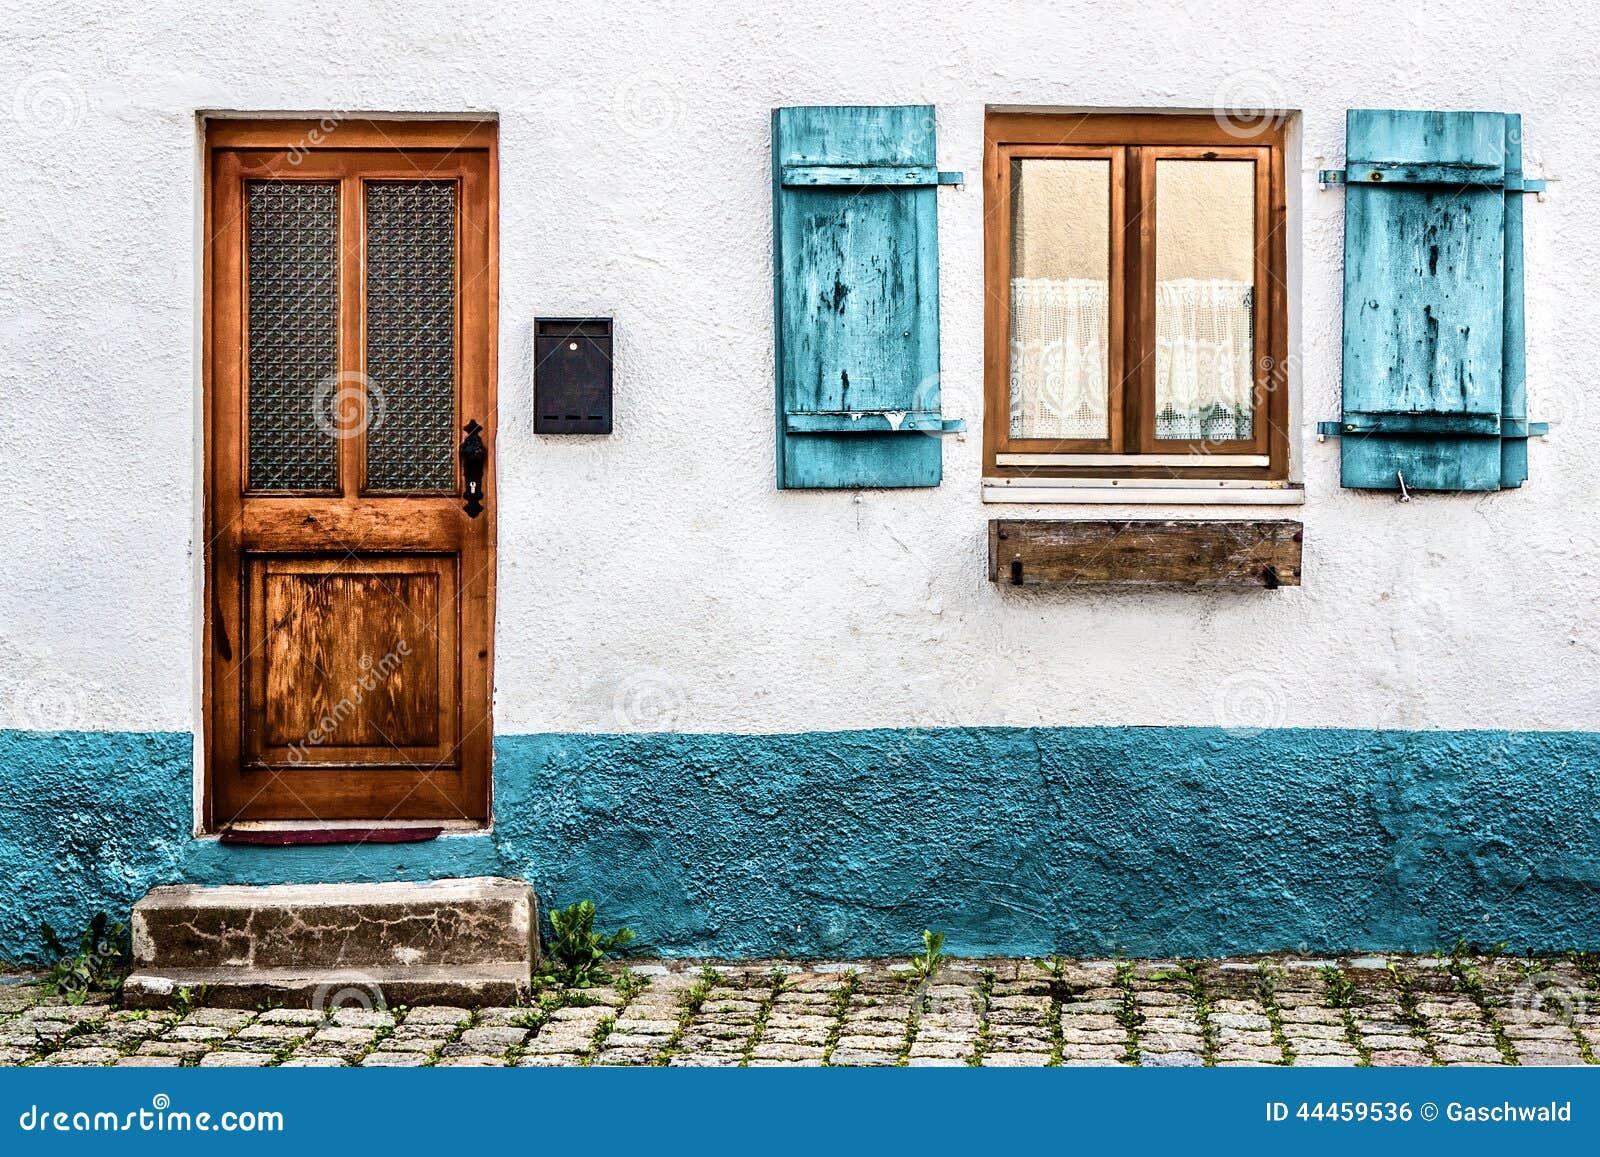 fassade eines alten hauses in deutschland stockfoto bild von blau fenster 44459536. Black Bedroom Furniture Sets. Home Design Ideas